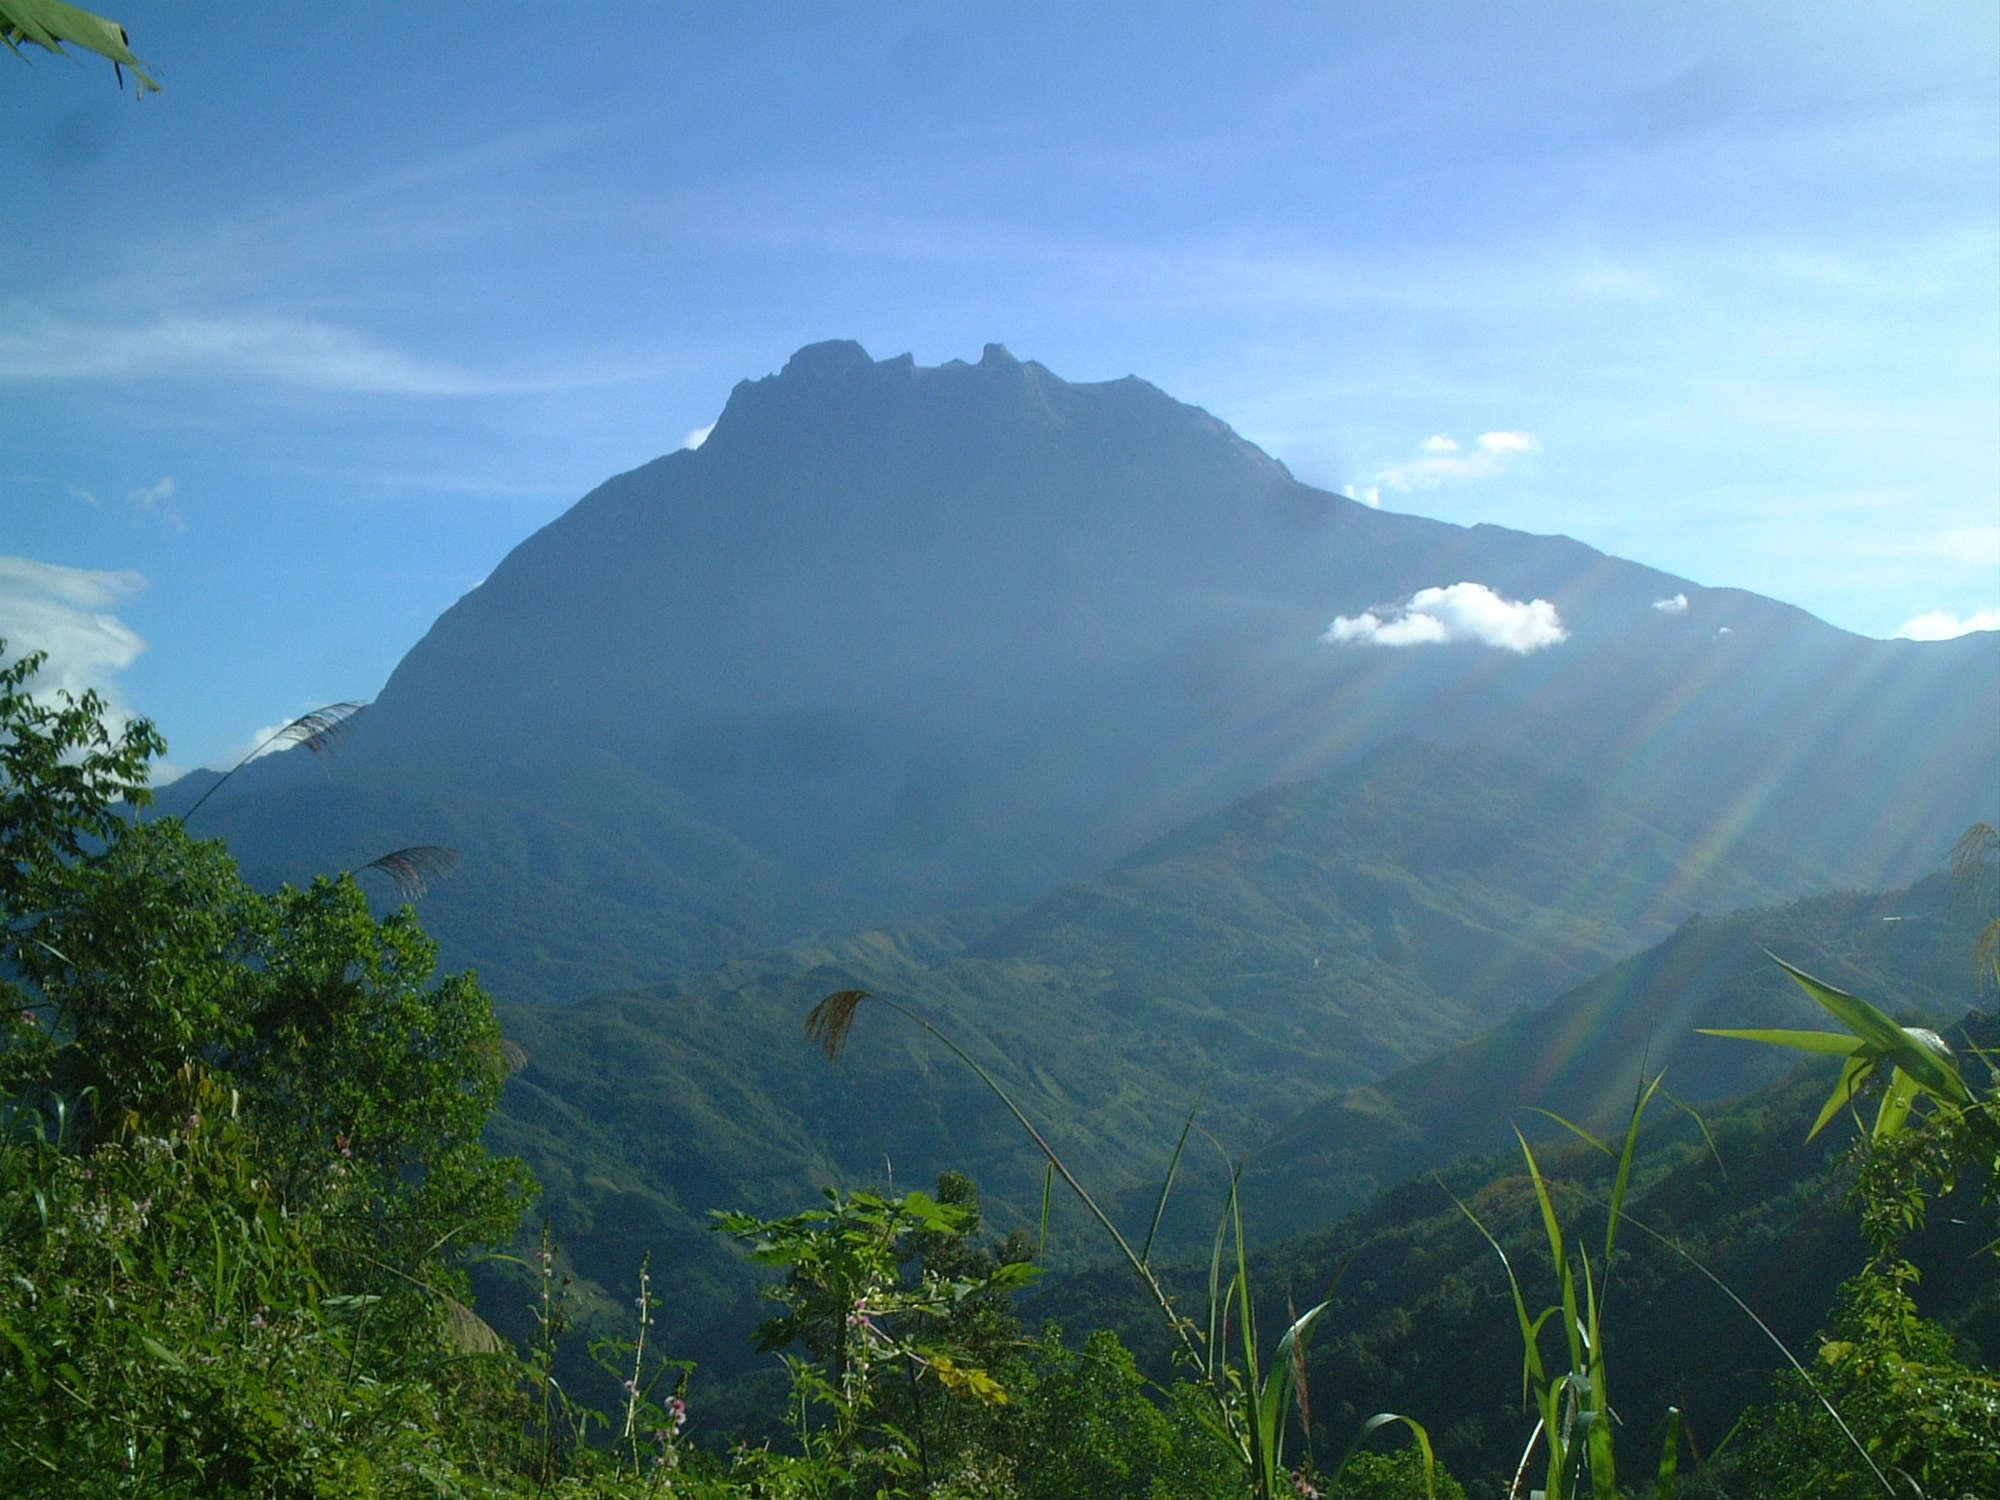 マレーシア/キナバル山(4,095m)登頂5日間